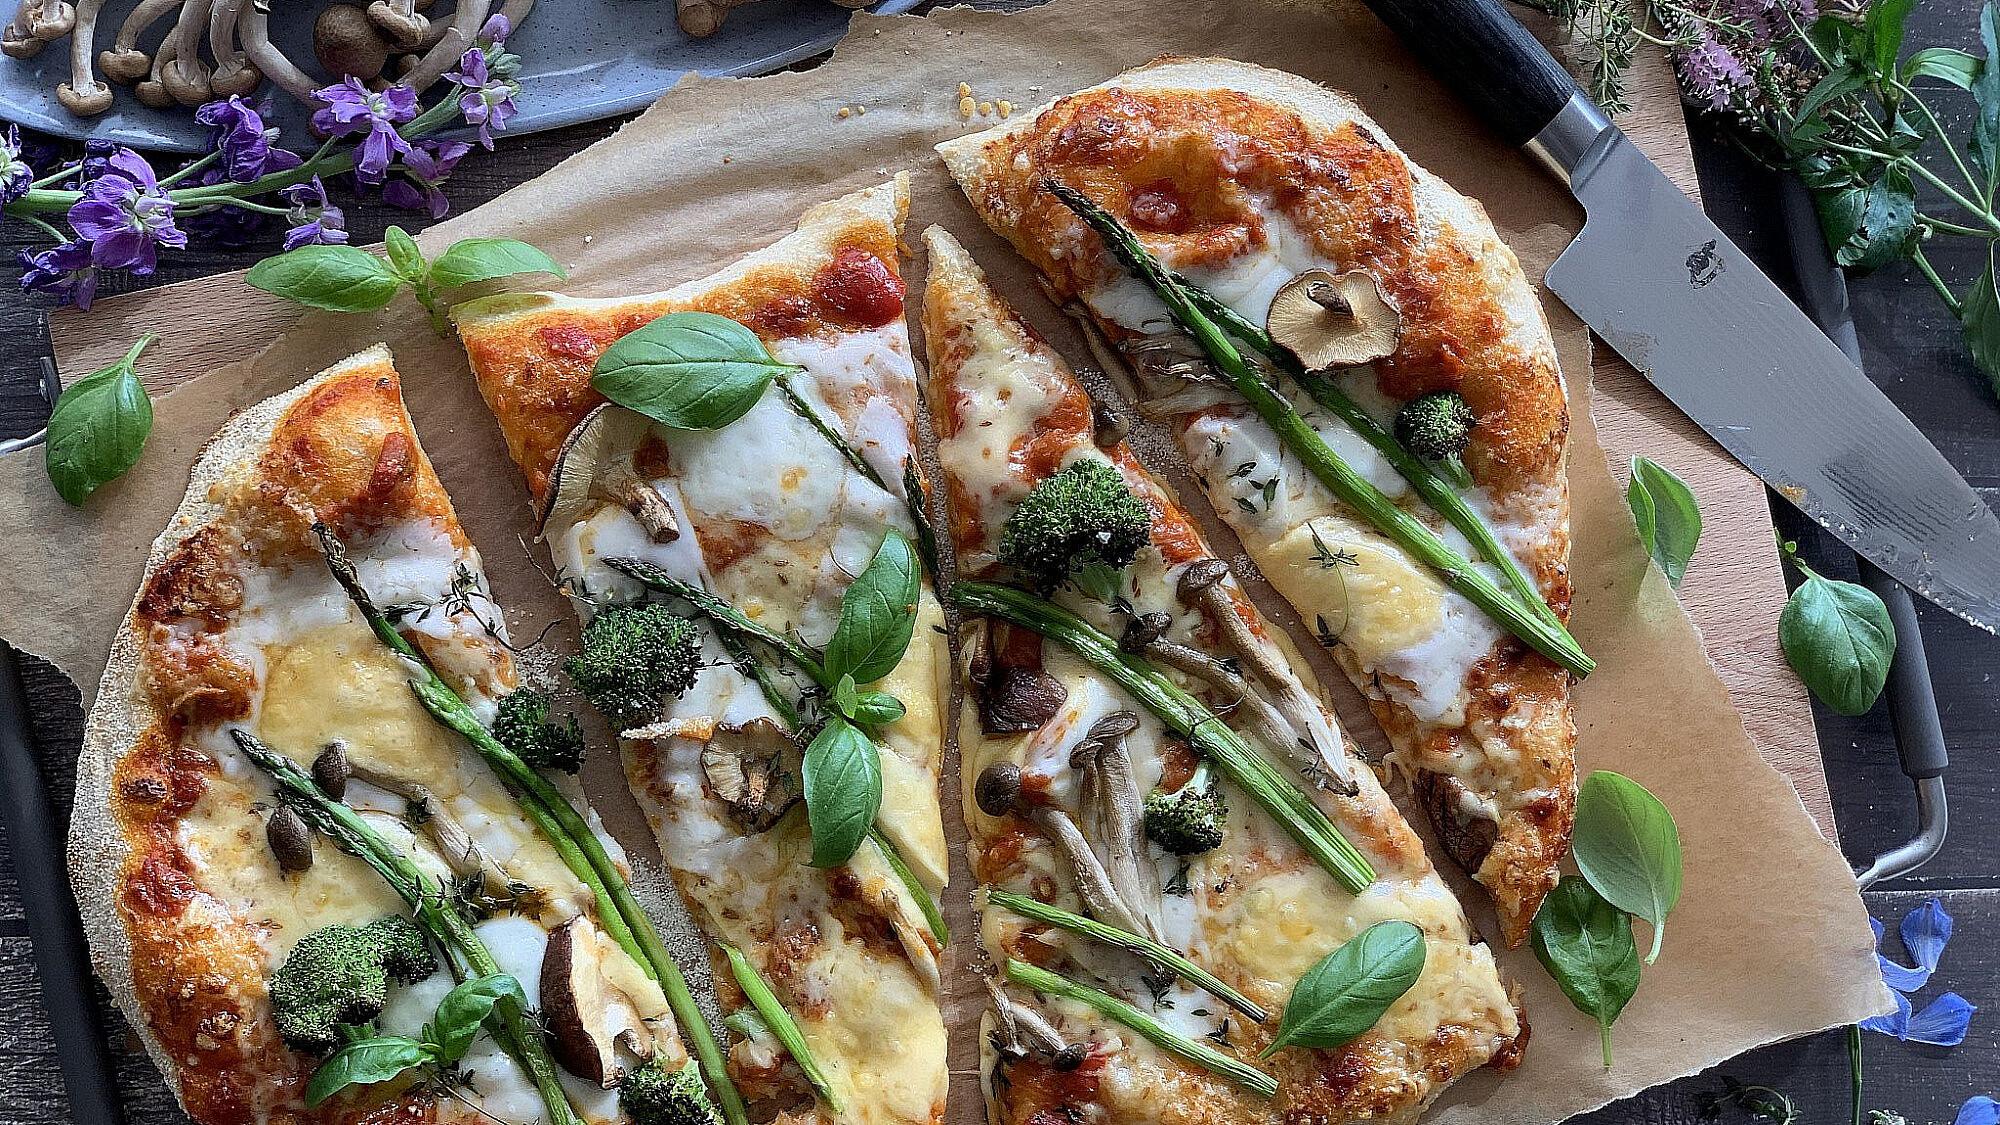 פיצה ארבע גבינות עם פטריות, אספרגוס וברוקולי של ליאור משיח. צילום: ליאור משיח. המחלבה בית יצחק.